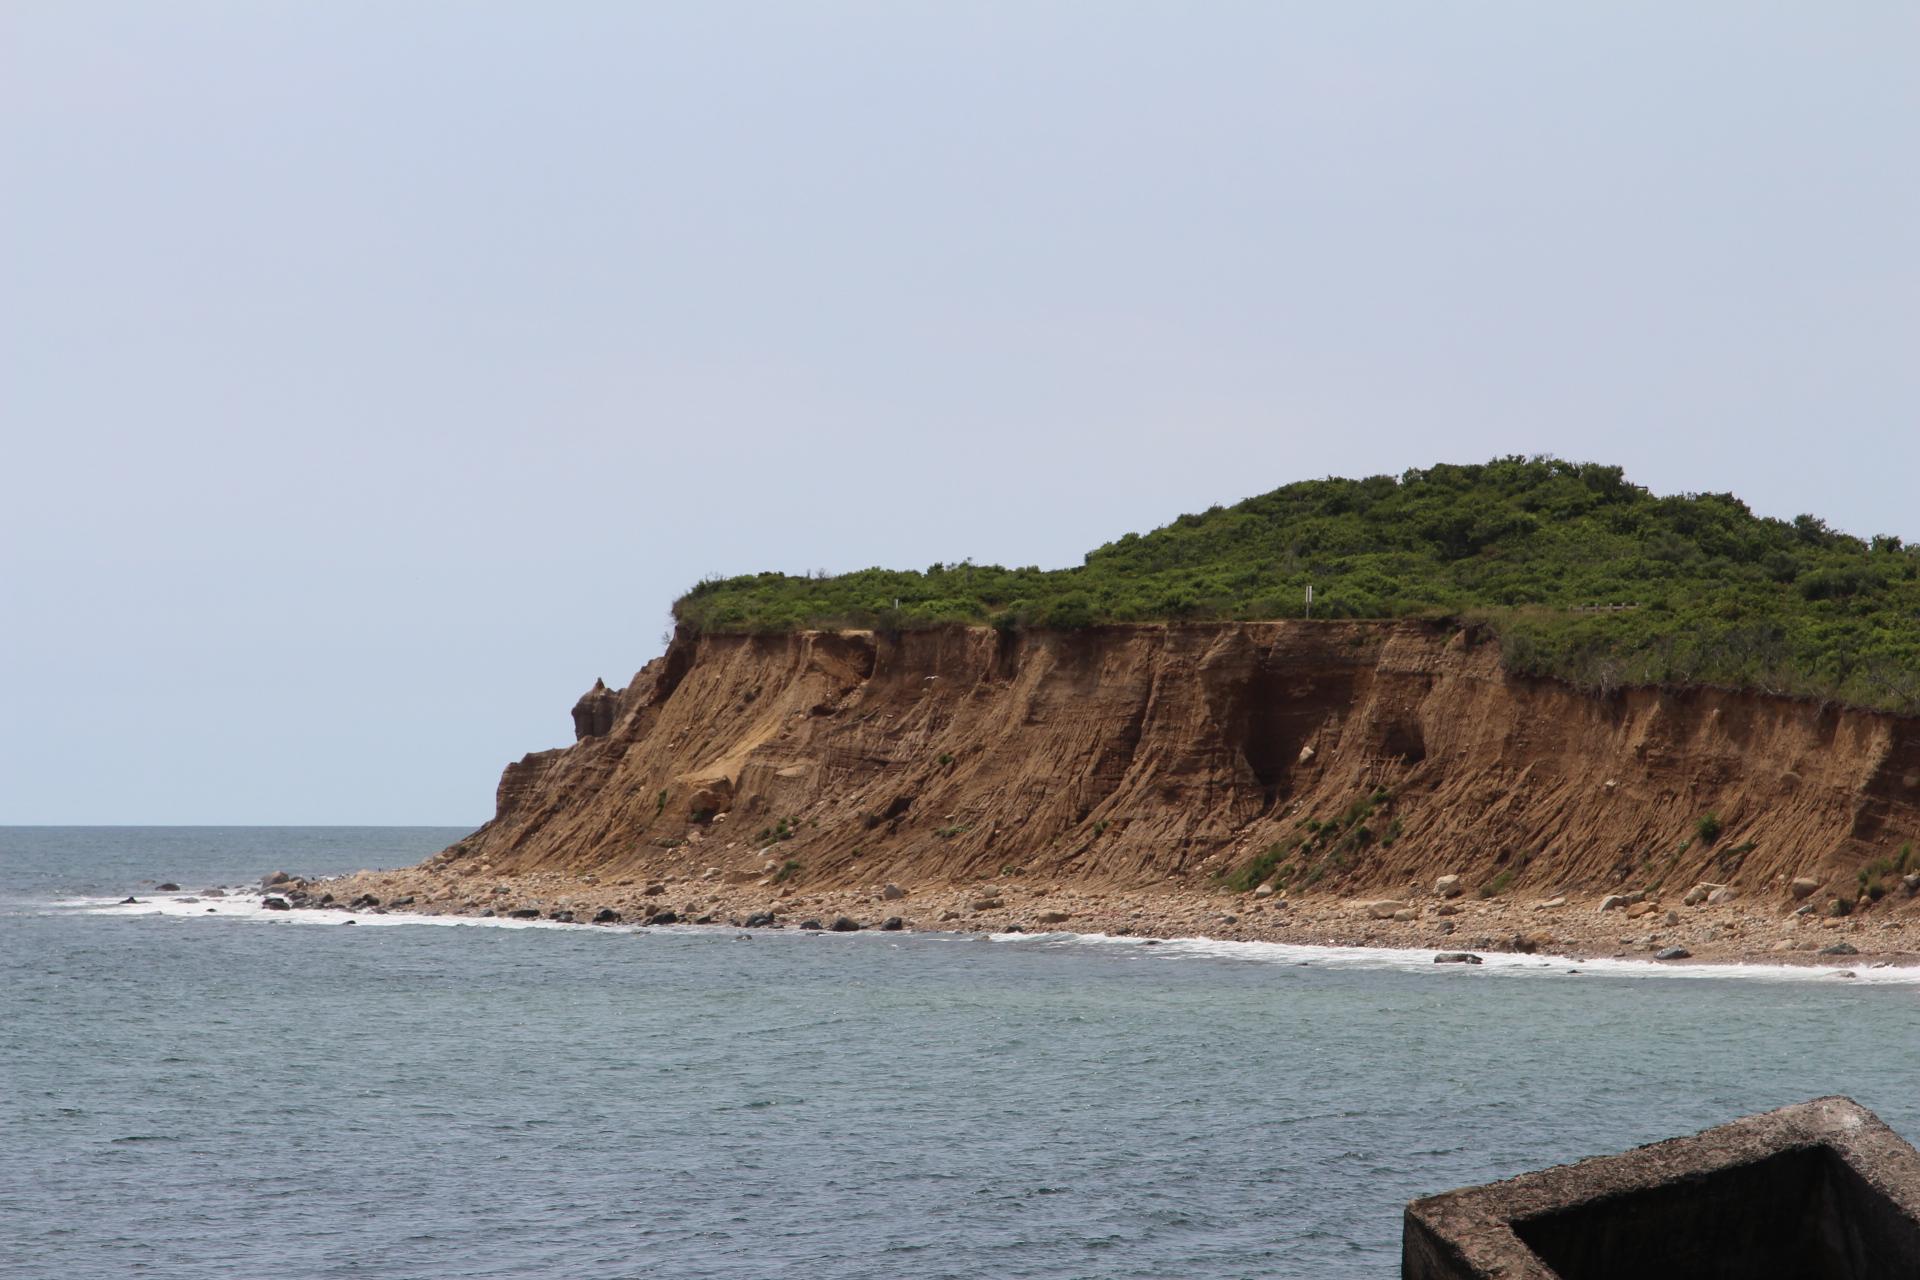 Island outcrop_3